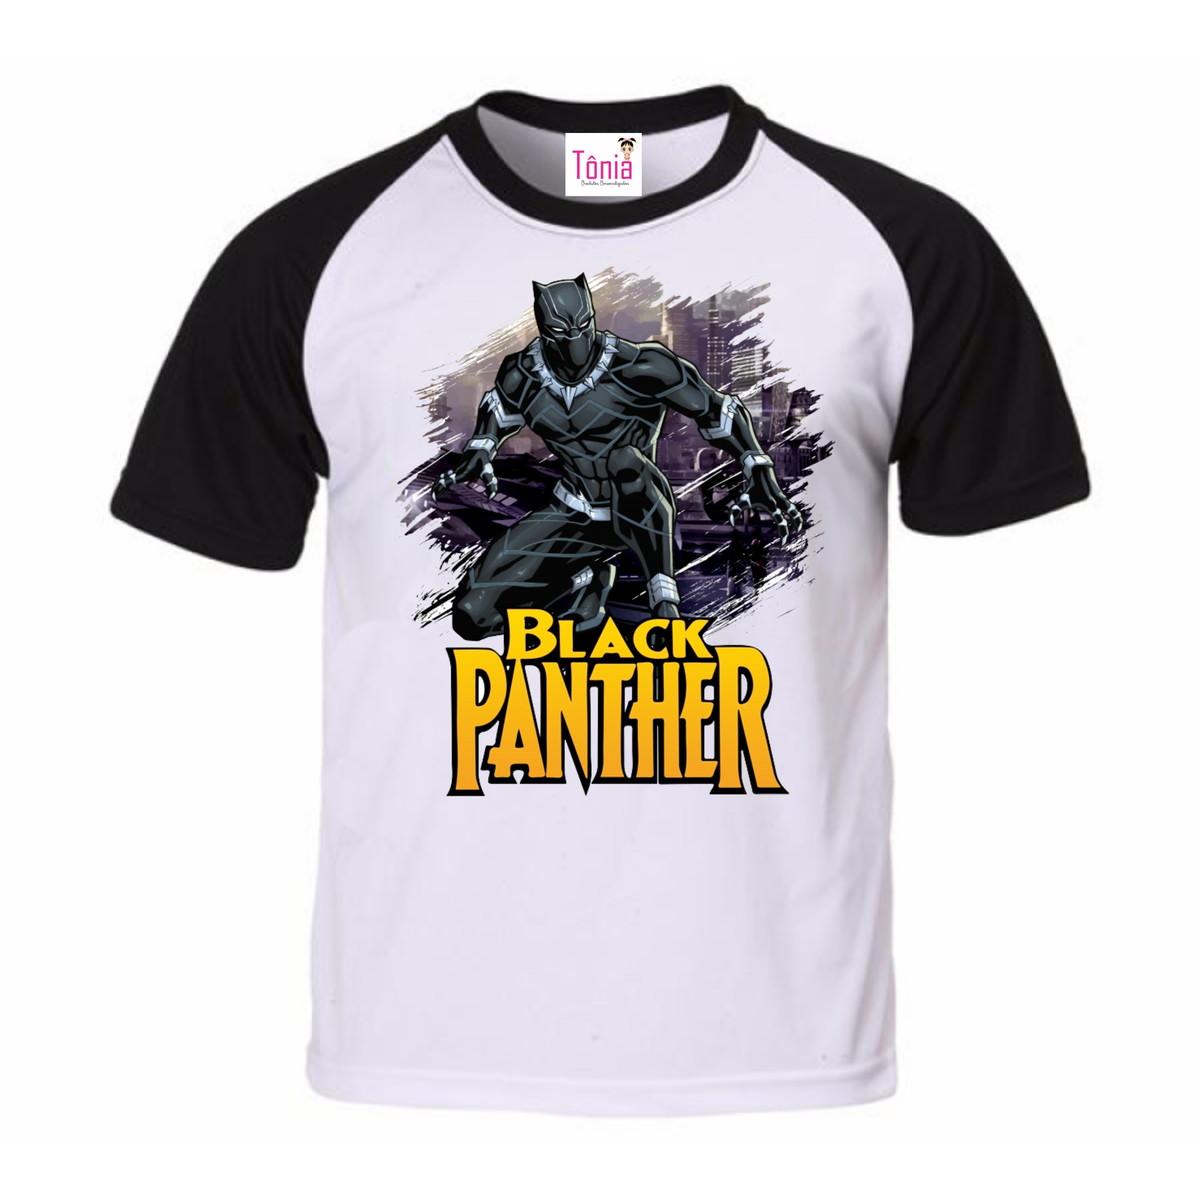 Camisa personalizada raglan preta - Pantera negra no Elo7  a5222f373cfb9